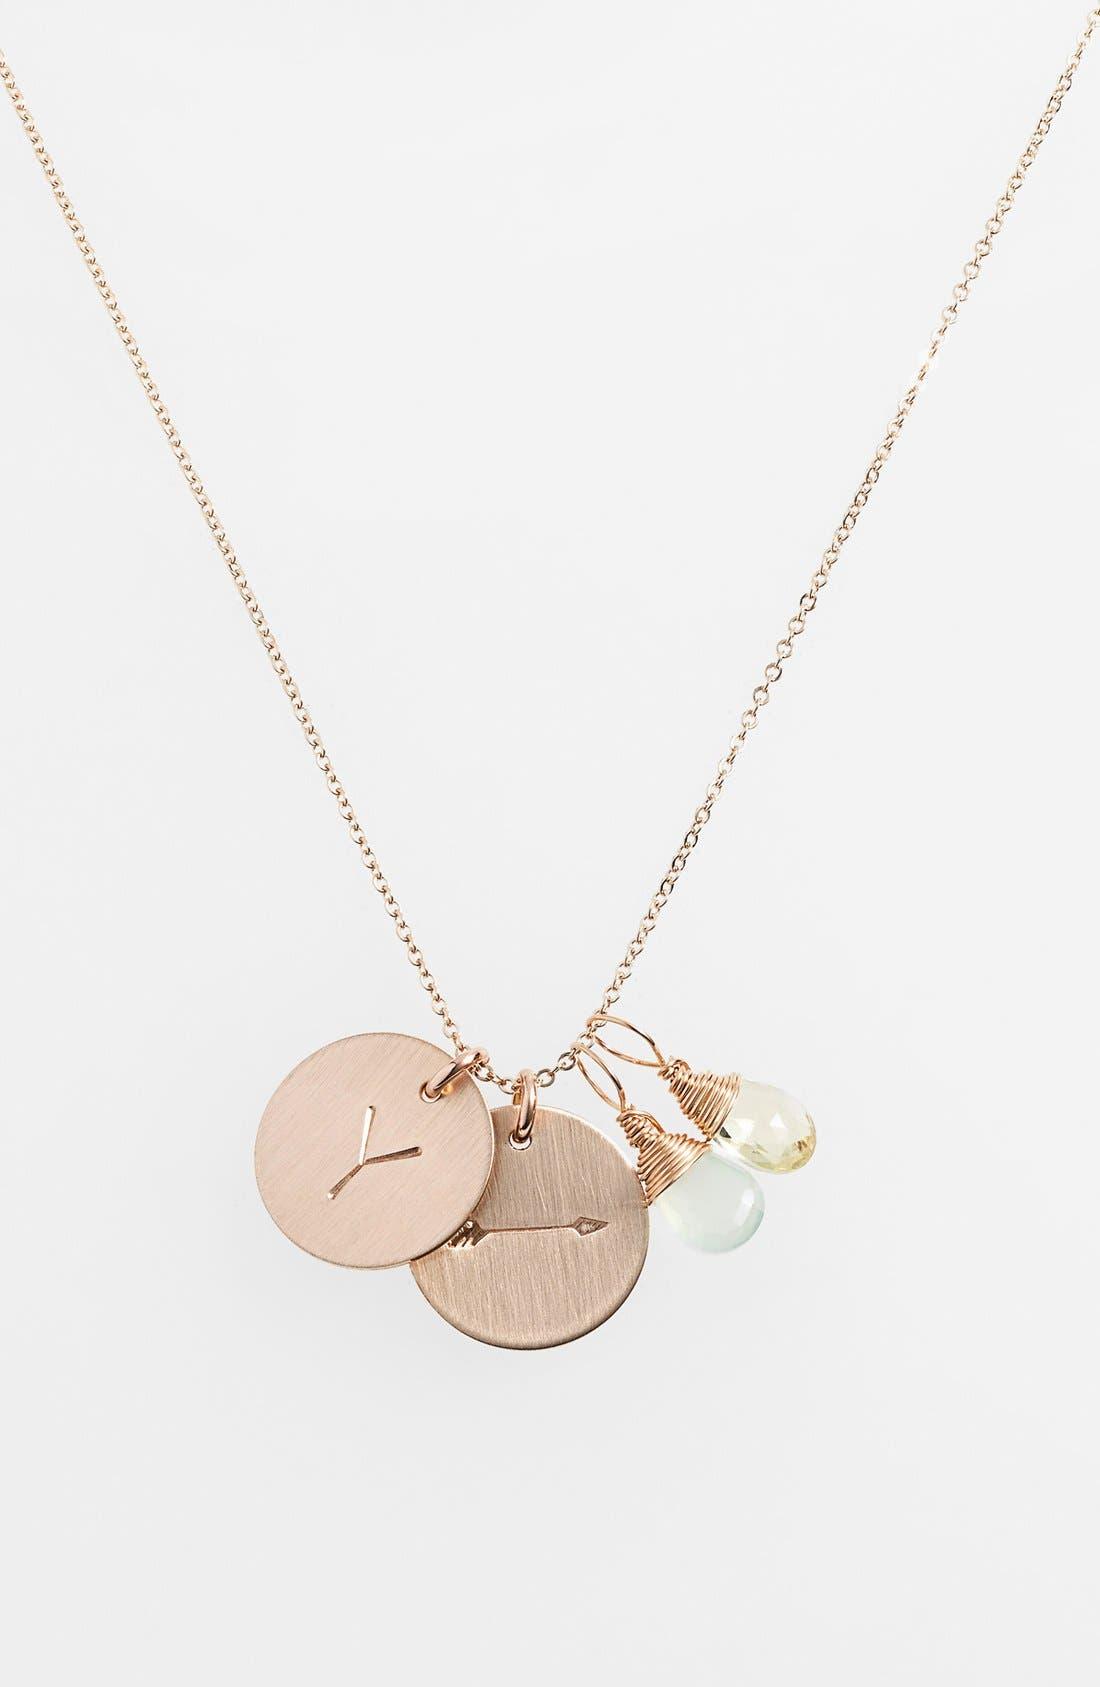 Aqua Chalcedony, Lemon Quartz, Initial & Arrow 14k-Gold Fill Disc Necklace,                         Main,                         color, Aqua And Lemon Y